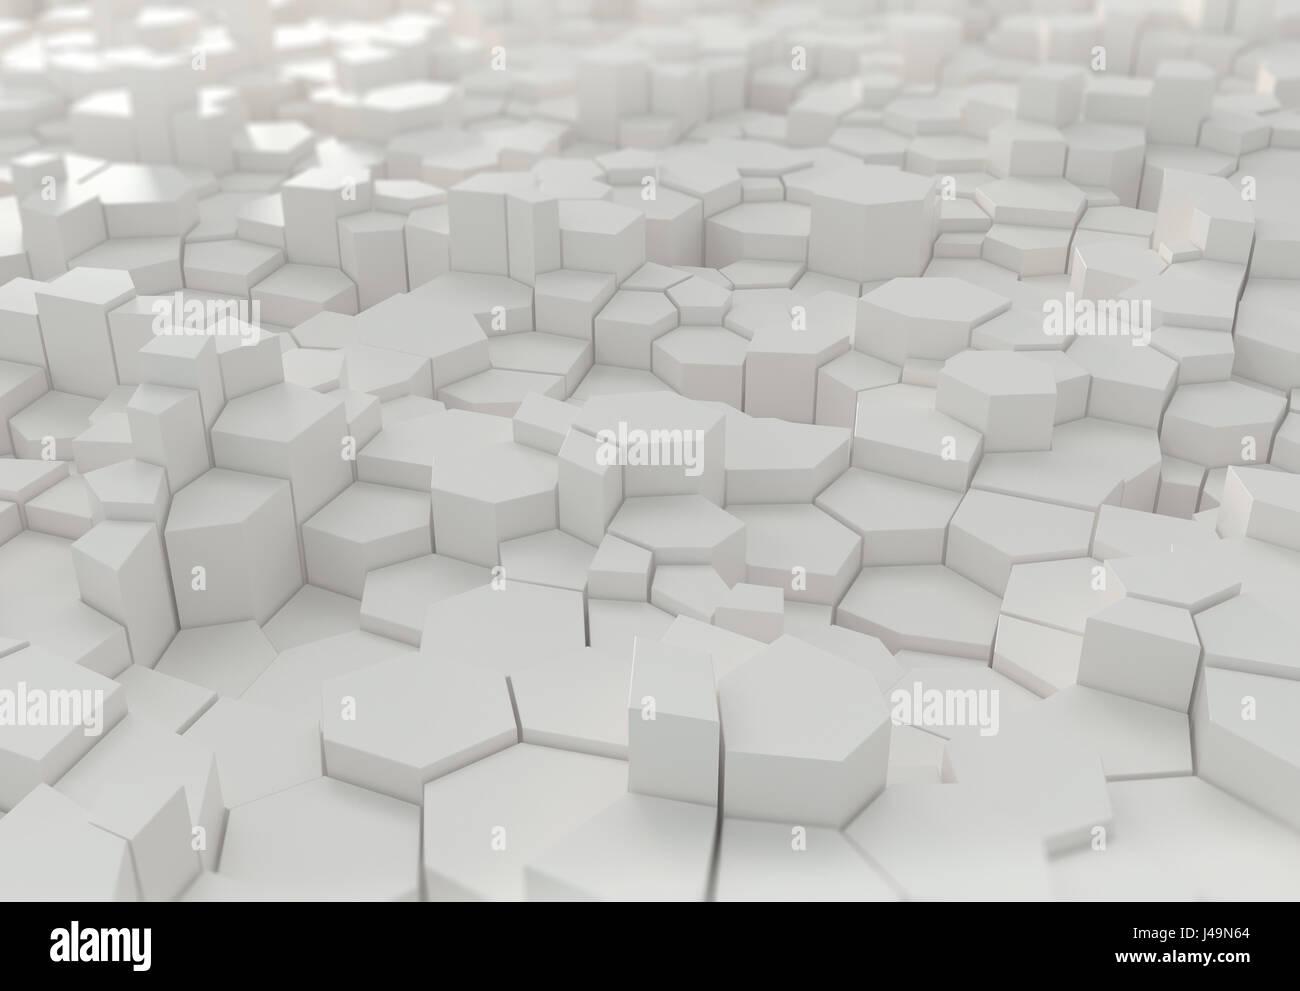 Résumé arrière-plan 3D - 3D illustration Banque D'Images